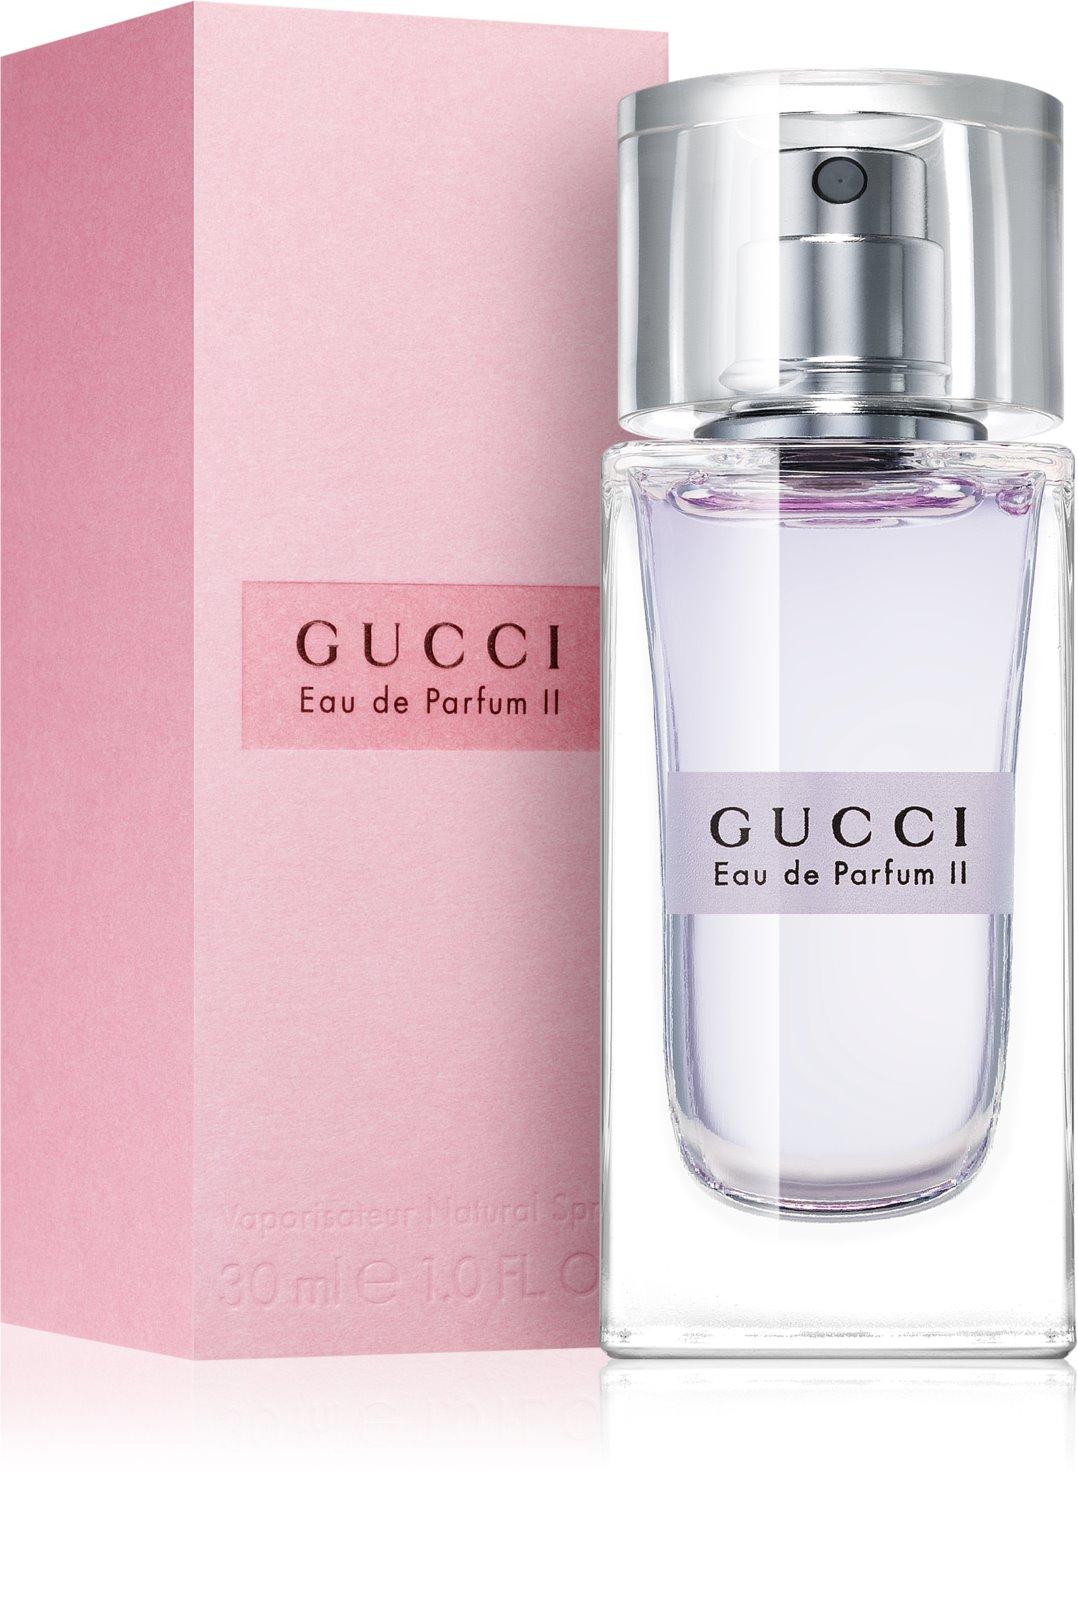 <center>Gucci Eau de Parfum II</center>